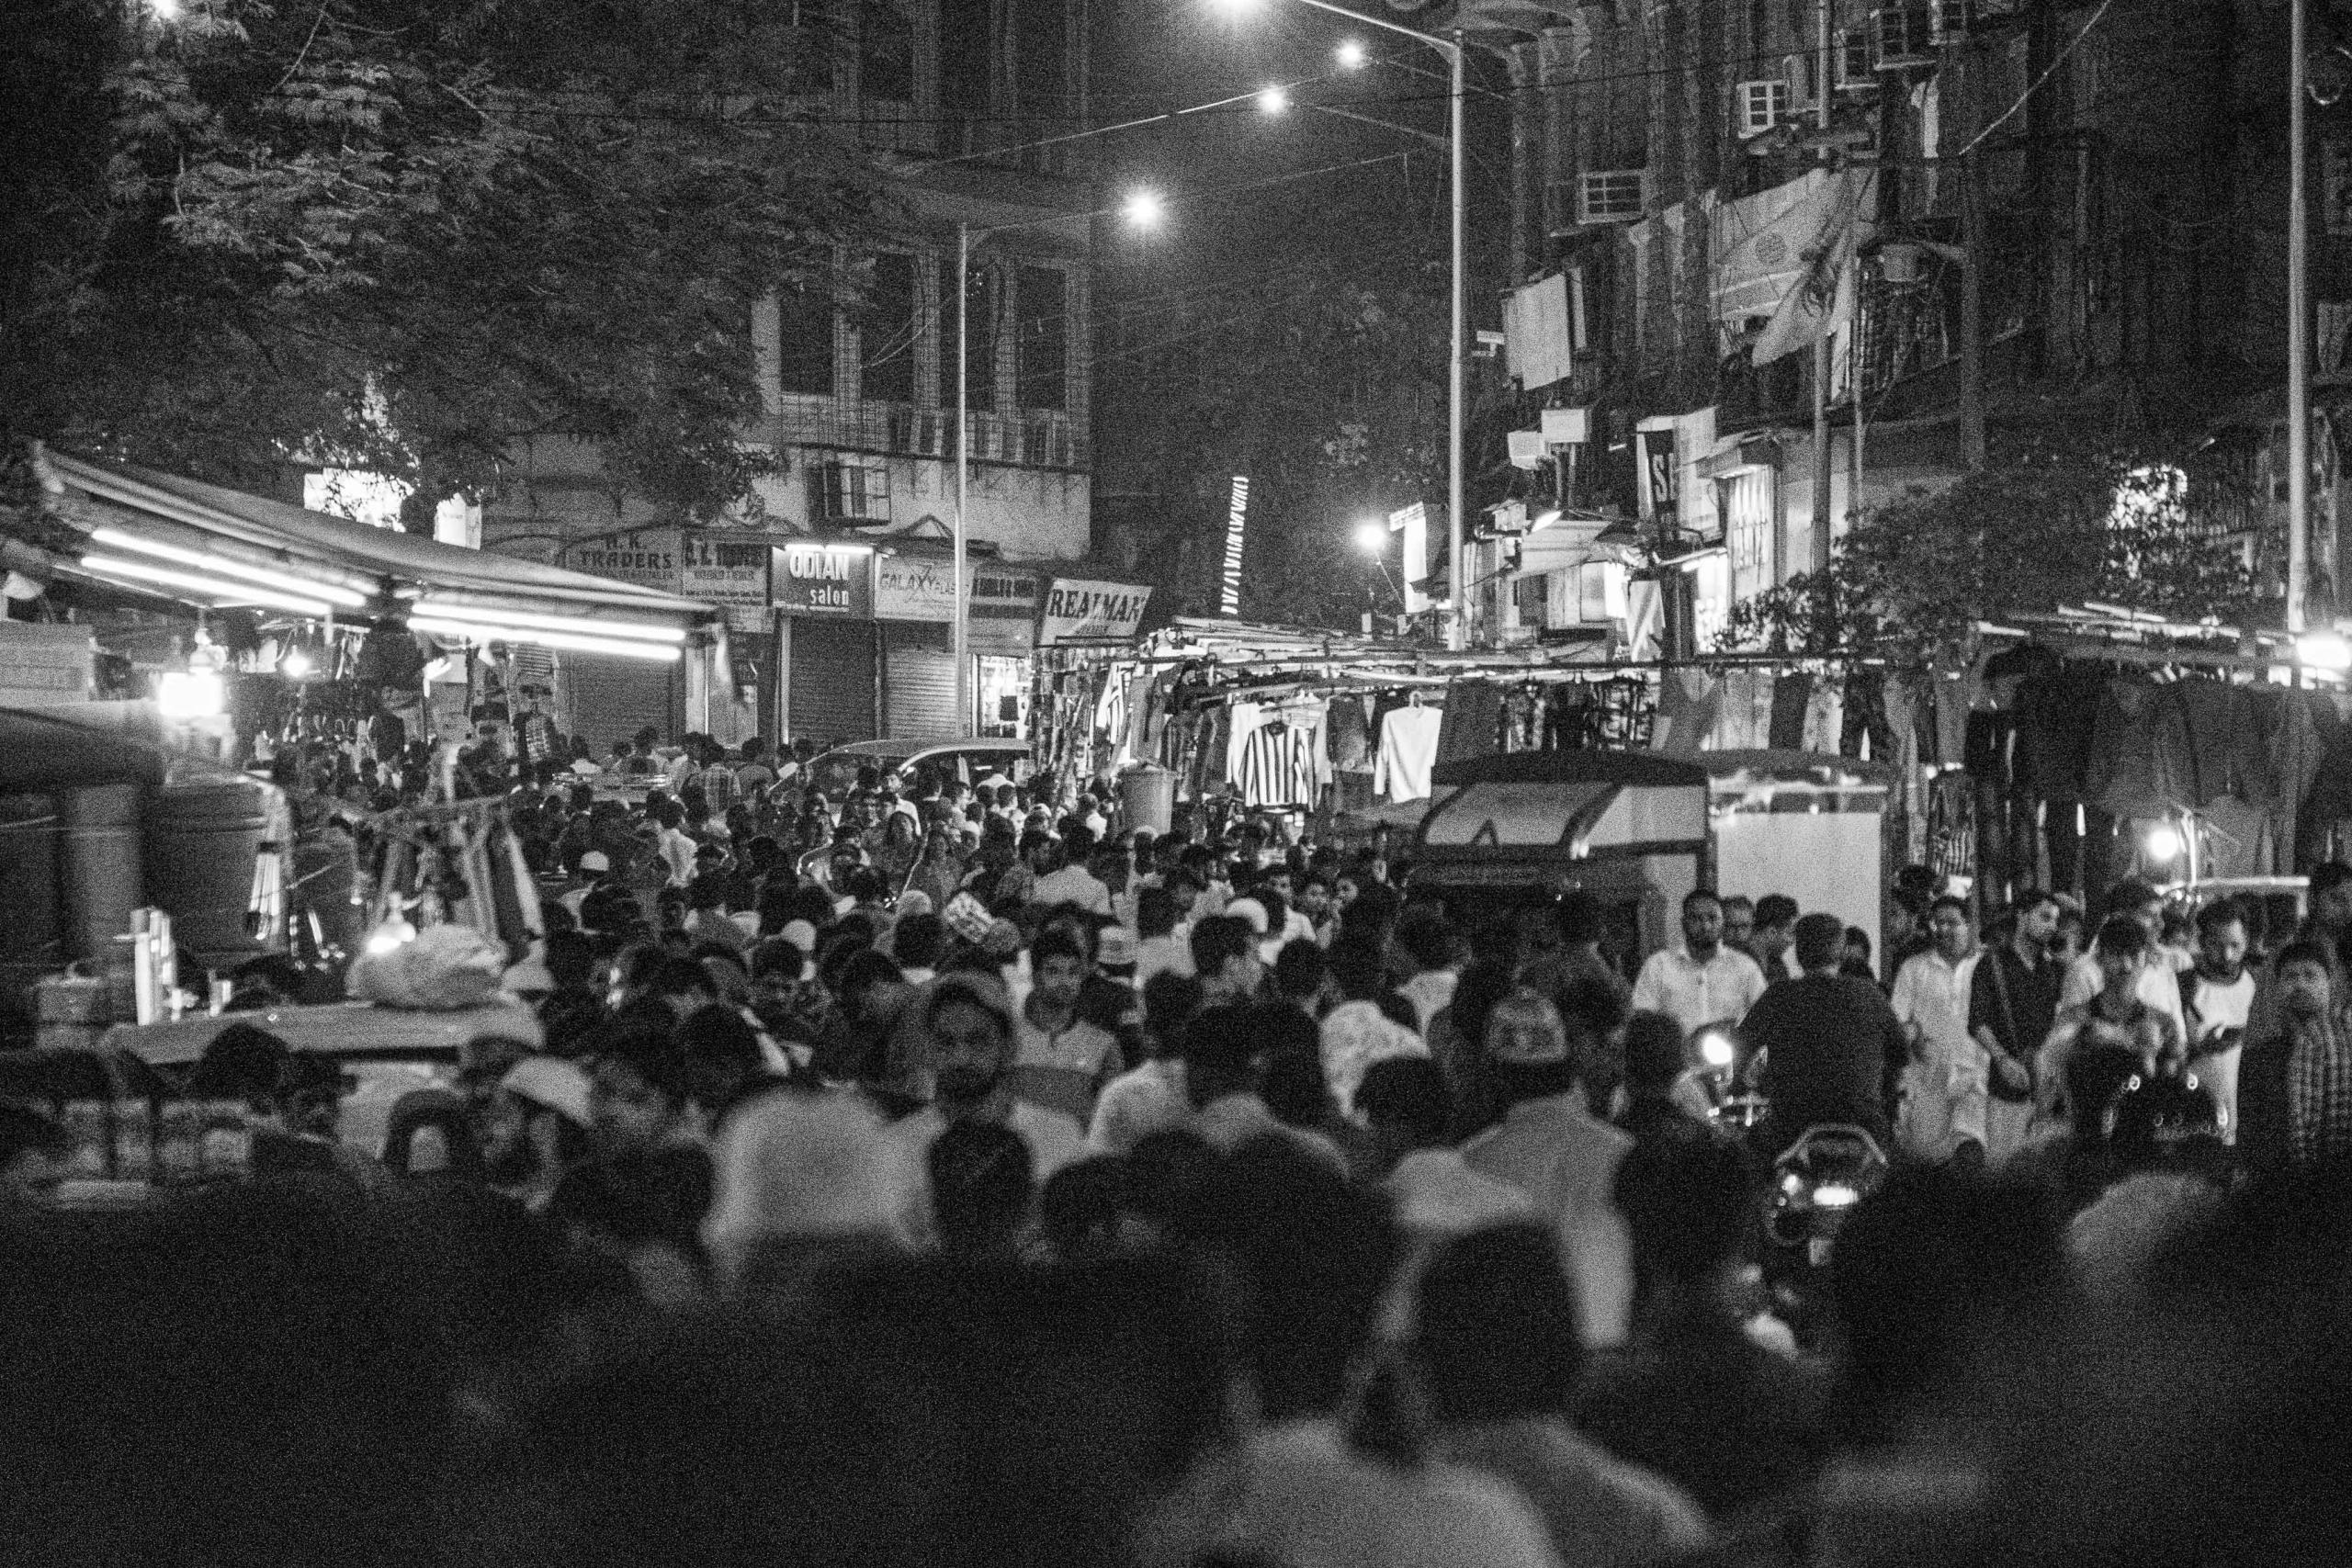 Wieczorny gwar na jednej z ulic | Mandvi | Mumbaj | Indie